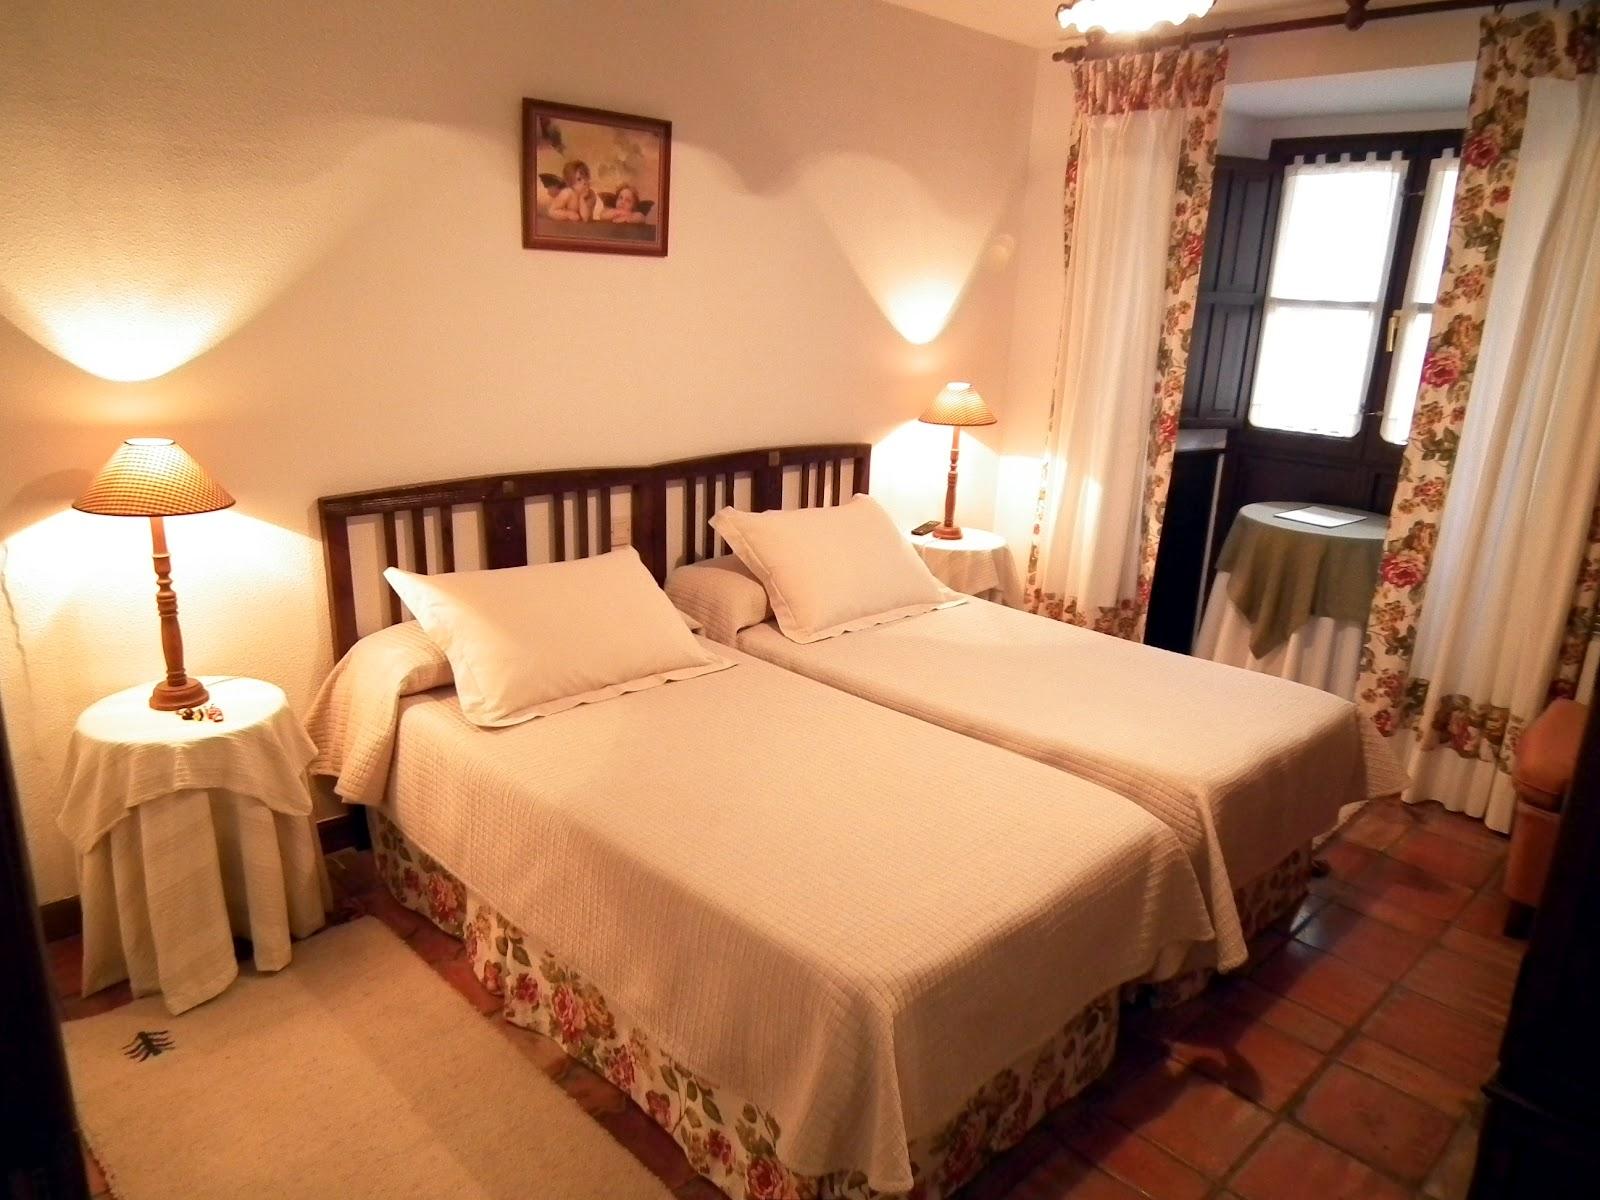 Posada de mu o habitaciones - Habitacion pequena dos camas ...